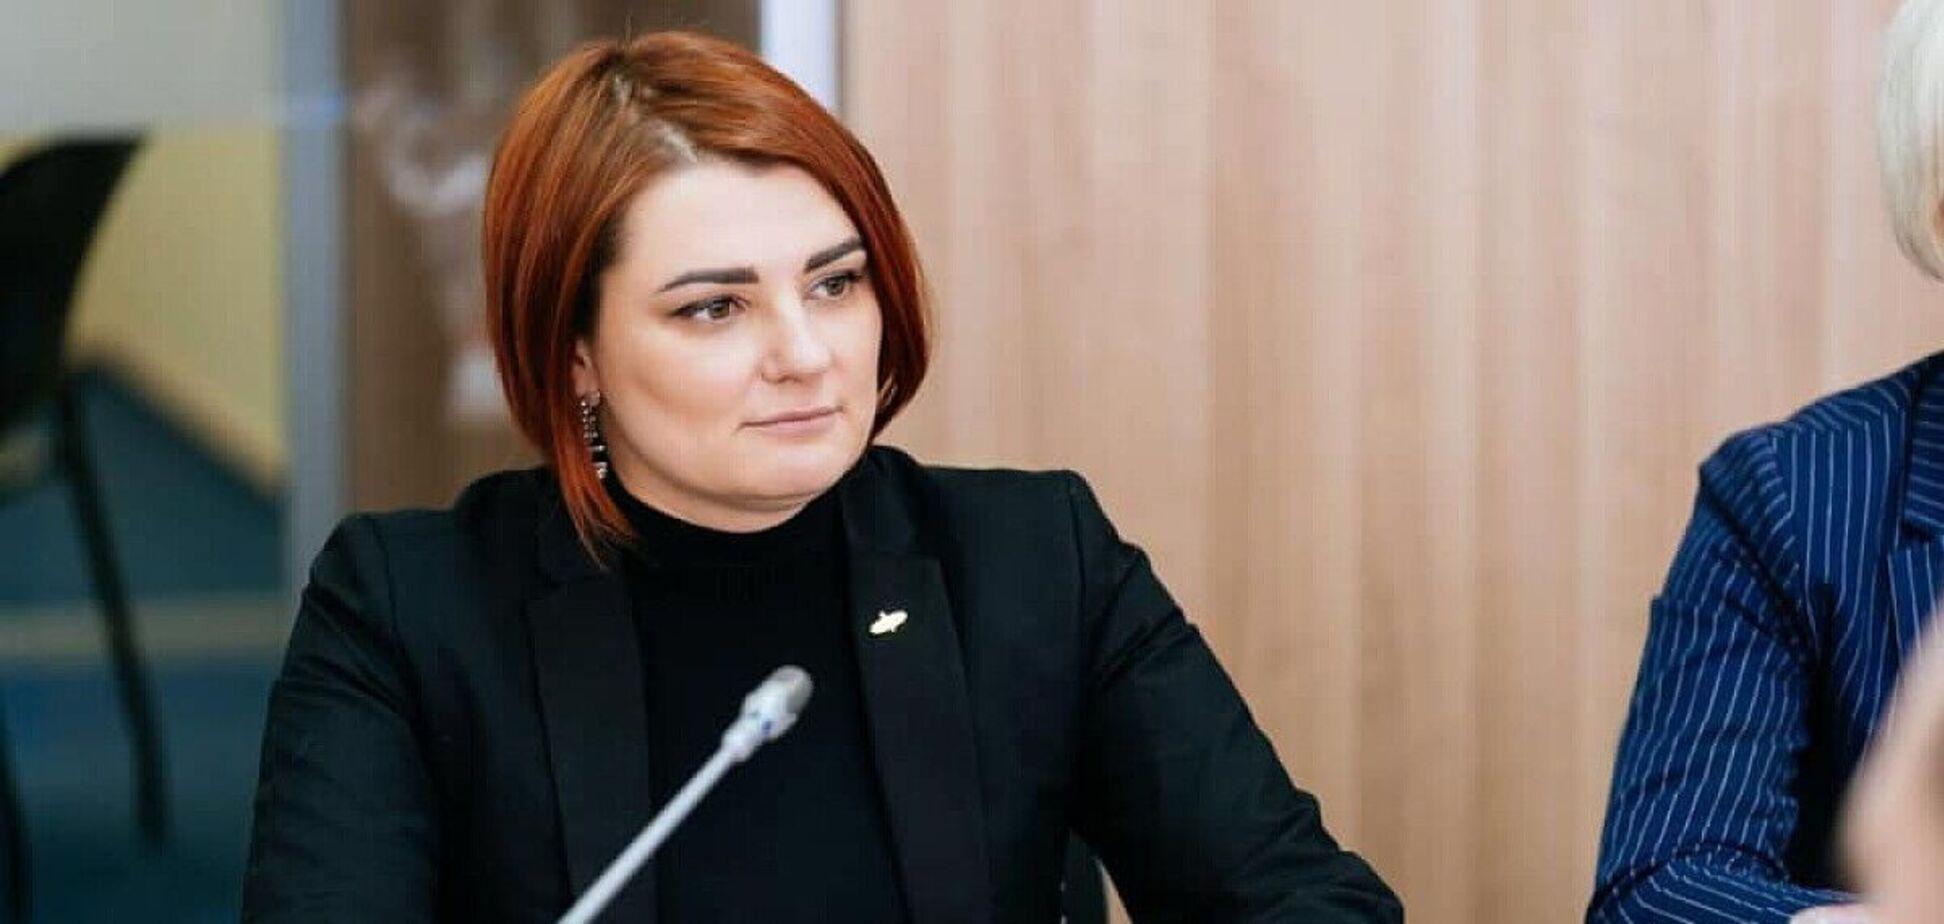 Правильна методологія RAB підніме Україну в рейтингу Doing Business, - Буймистер